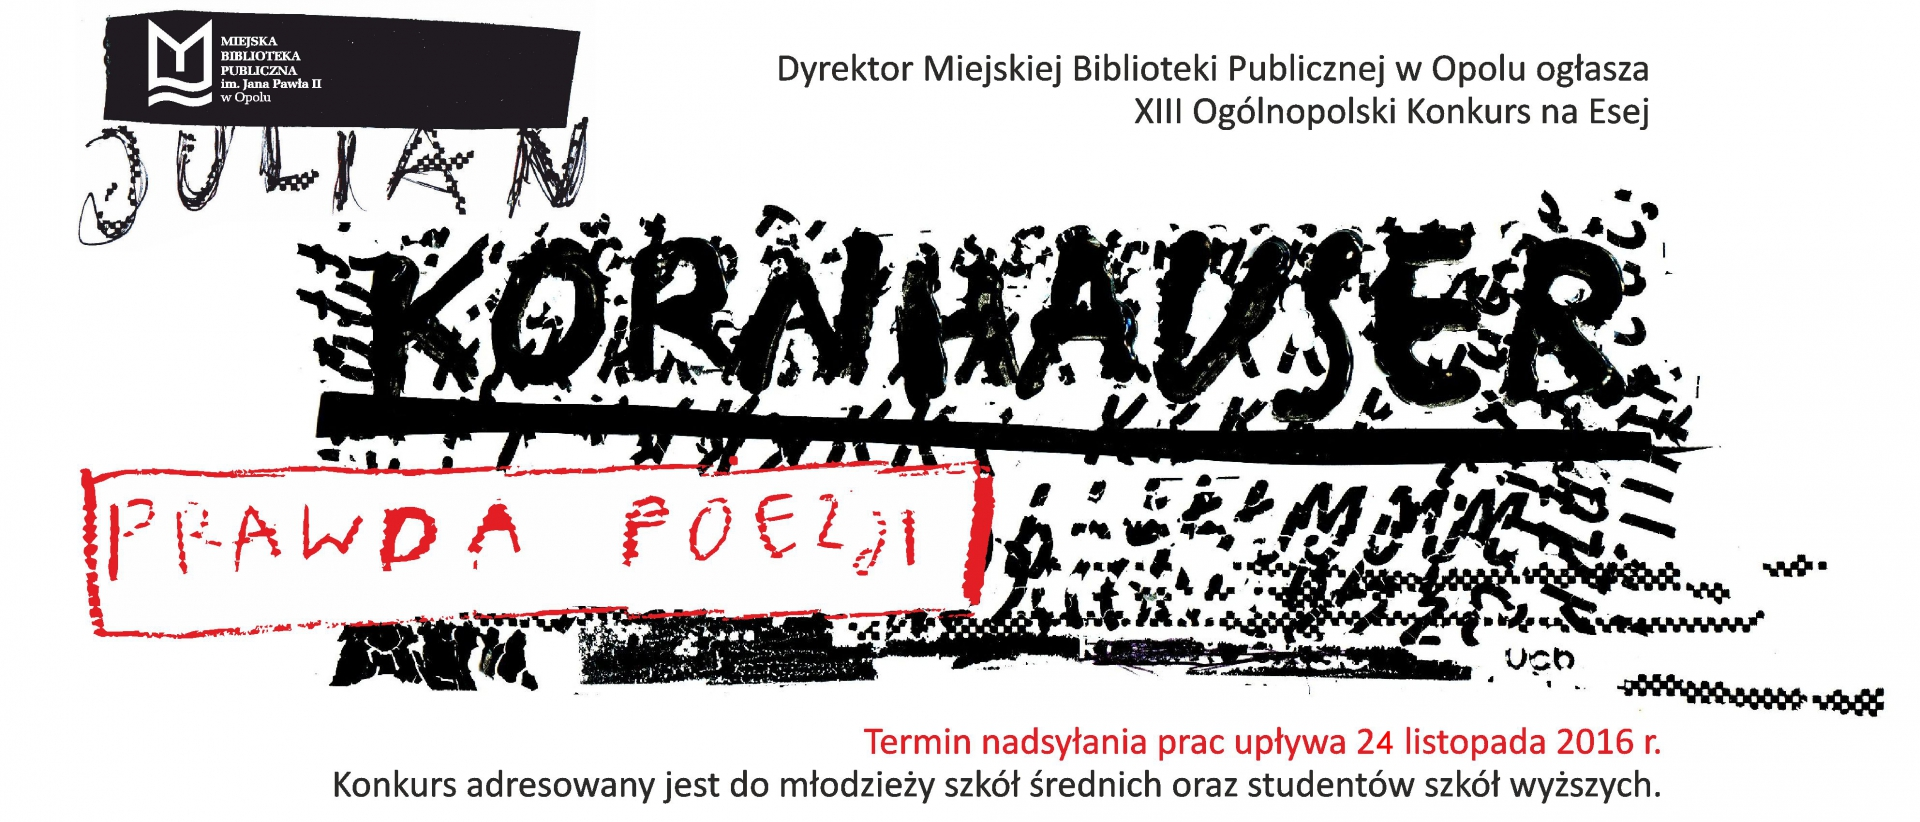 Wyniki XIII Ogólnopolskiego Konkursu na Esej